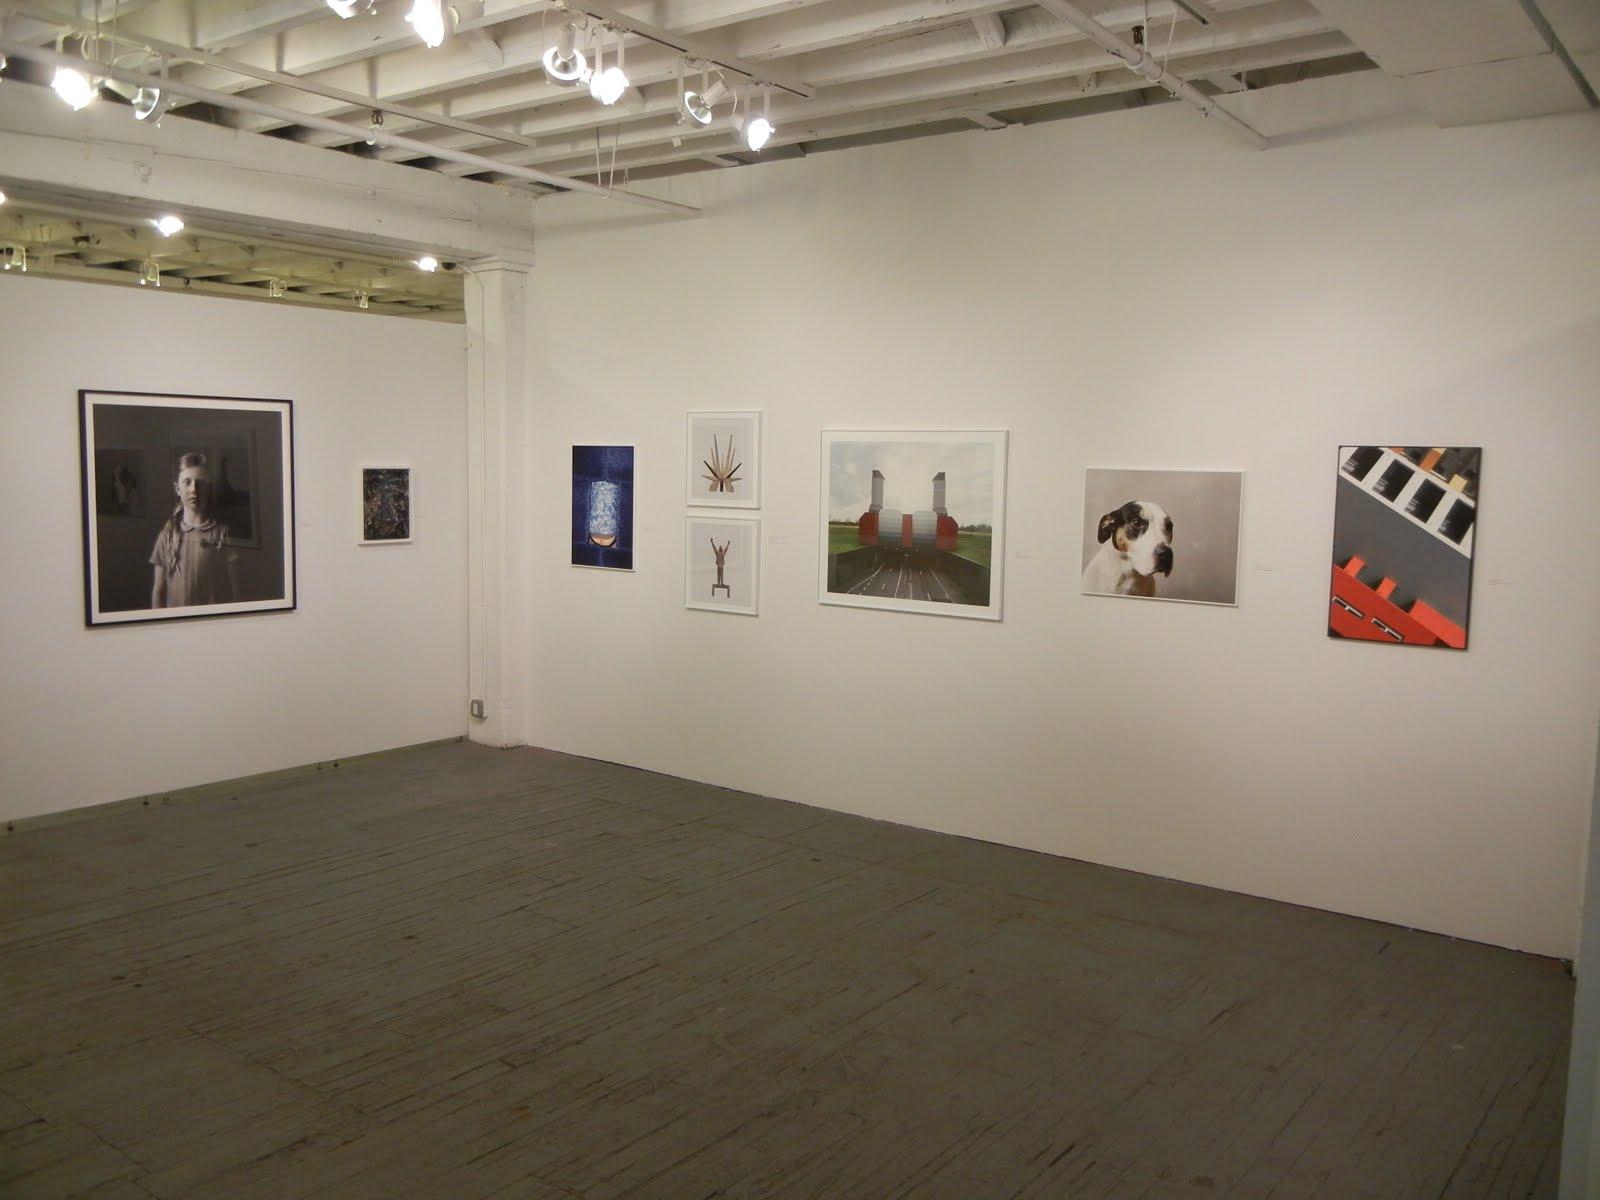 michelle lintel gallery